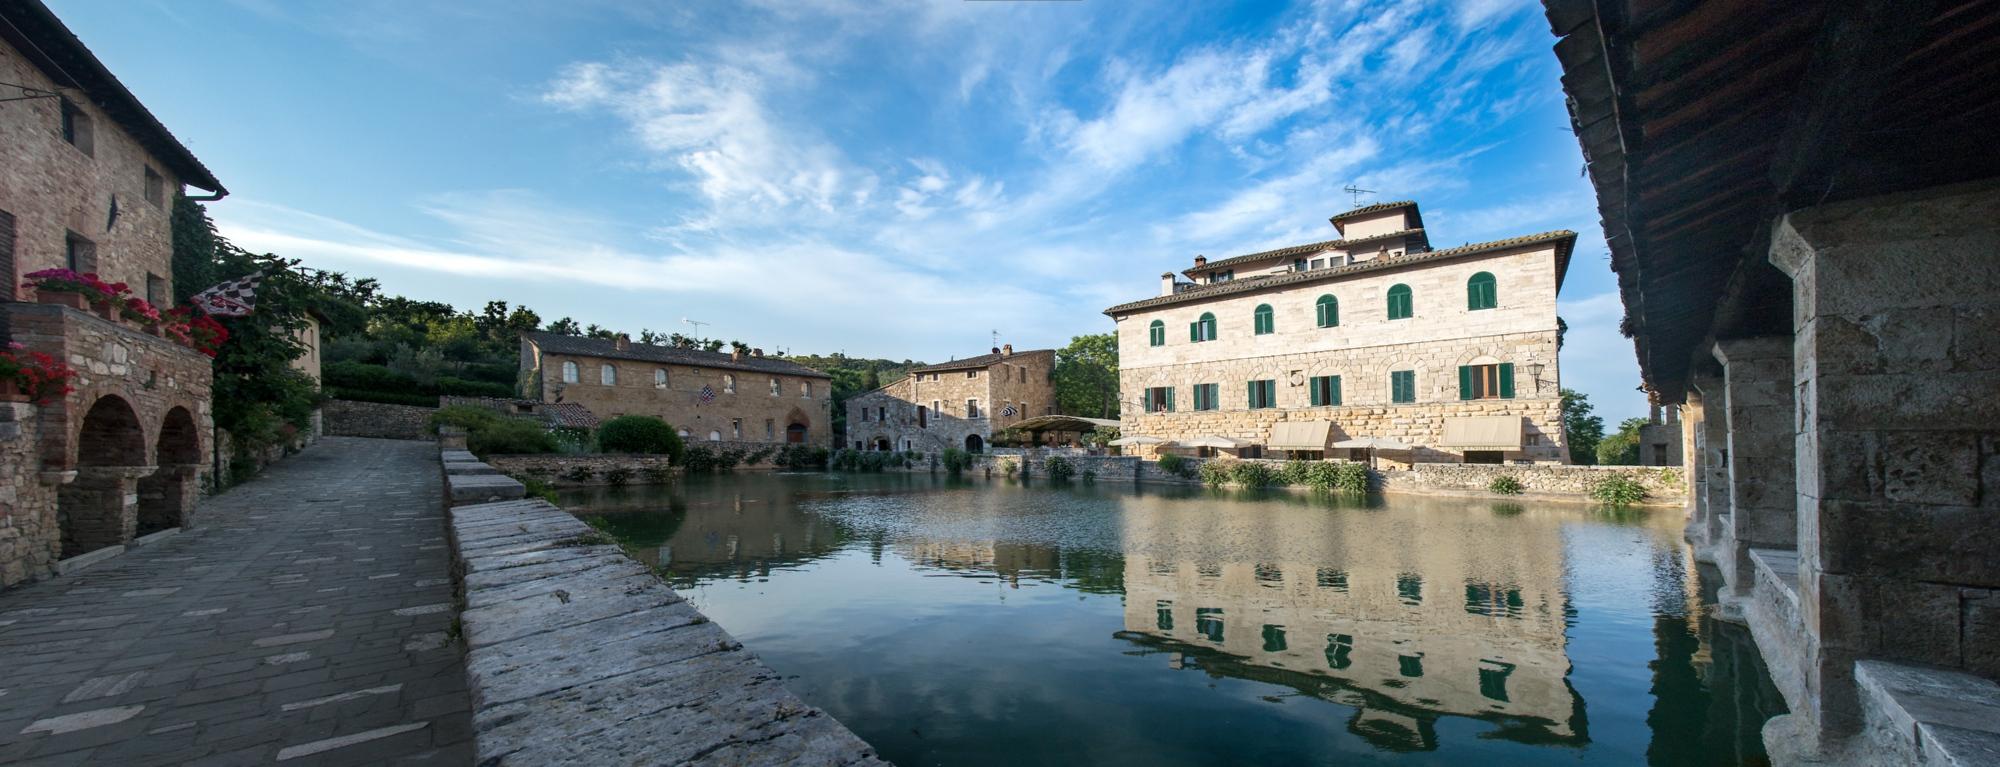 Bagno Vignoni: hot springs in Val D\'Orcia   Visit Tuscany